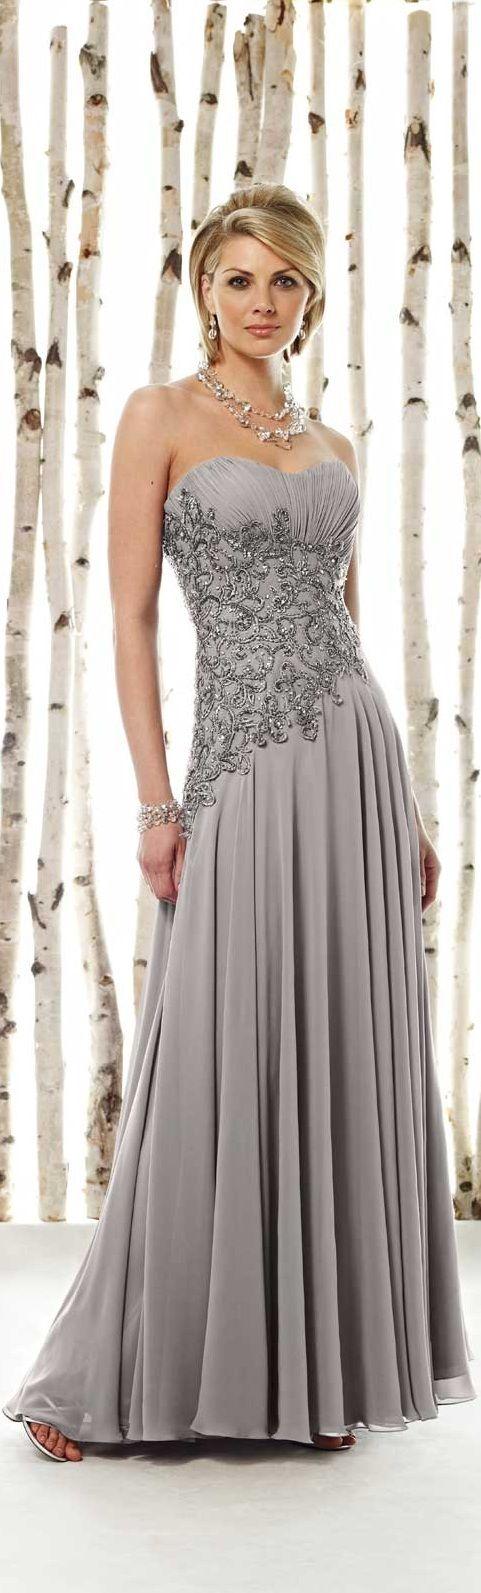 Vestido para a mãe da noiva